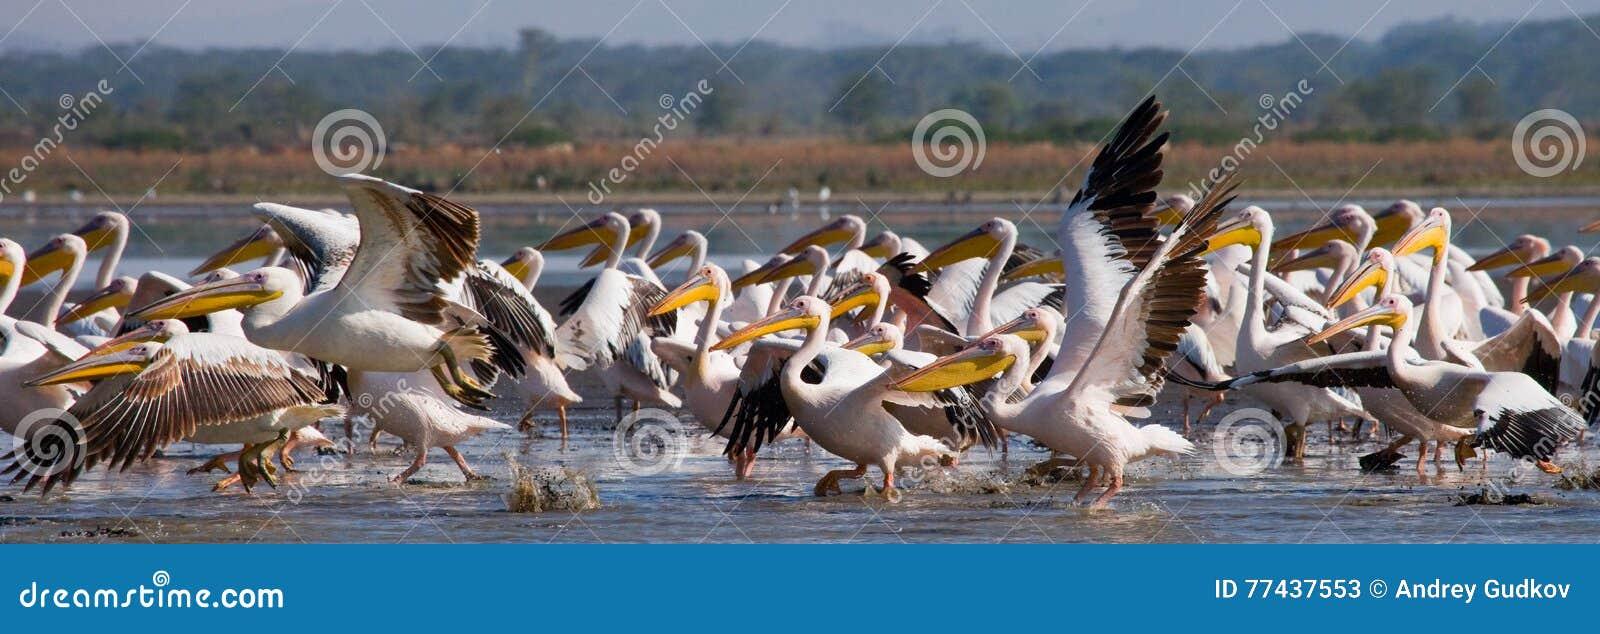 Стадо пеликанов принимая от воды Озеро Nakuru Кения вышесказанного